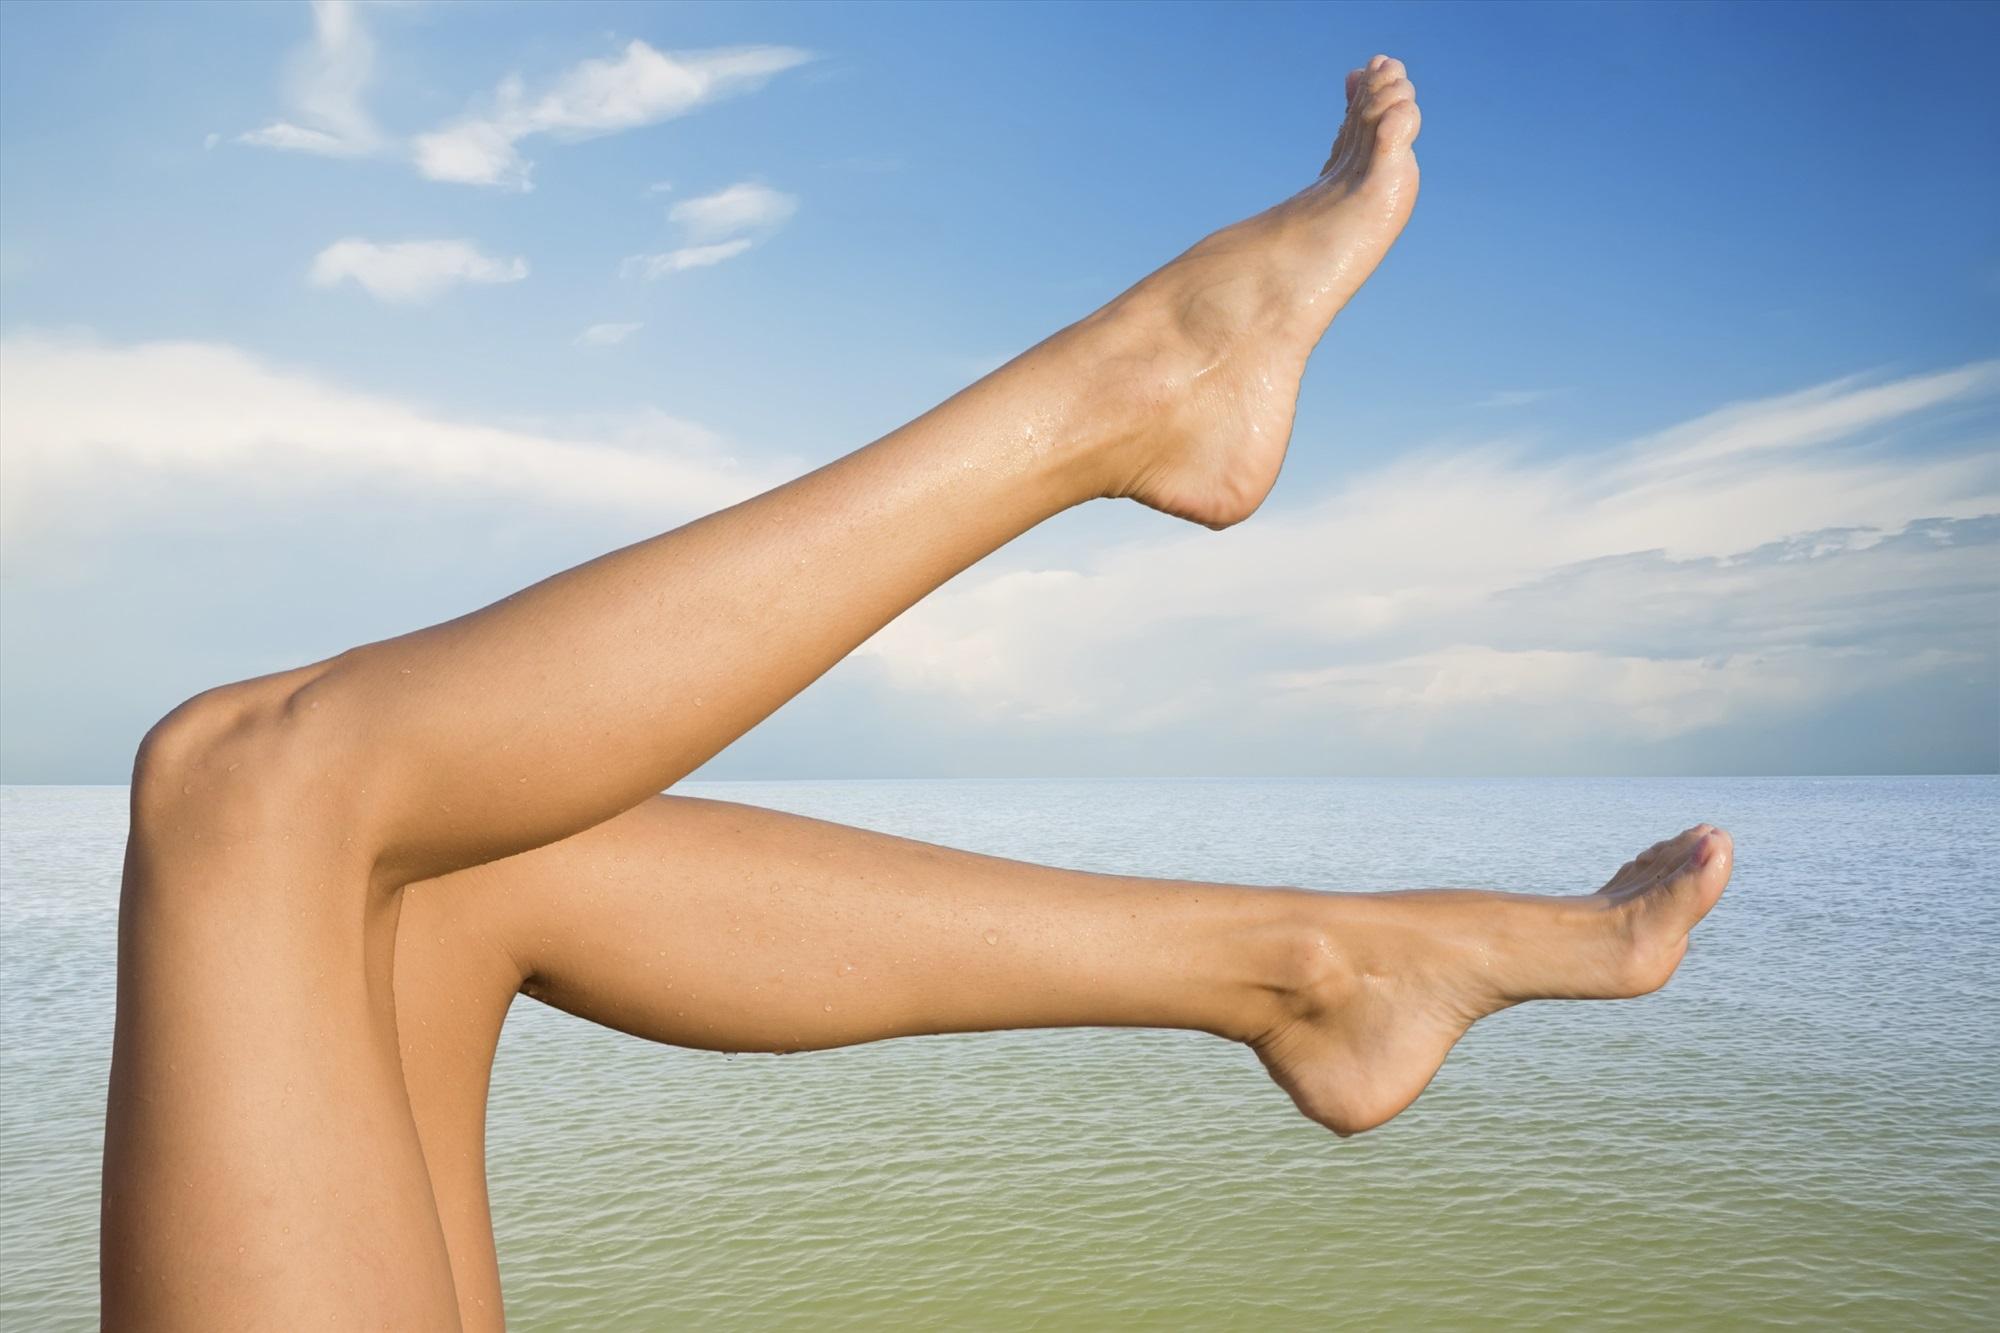 относится картинки женских ноги многолетний опыт